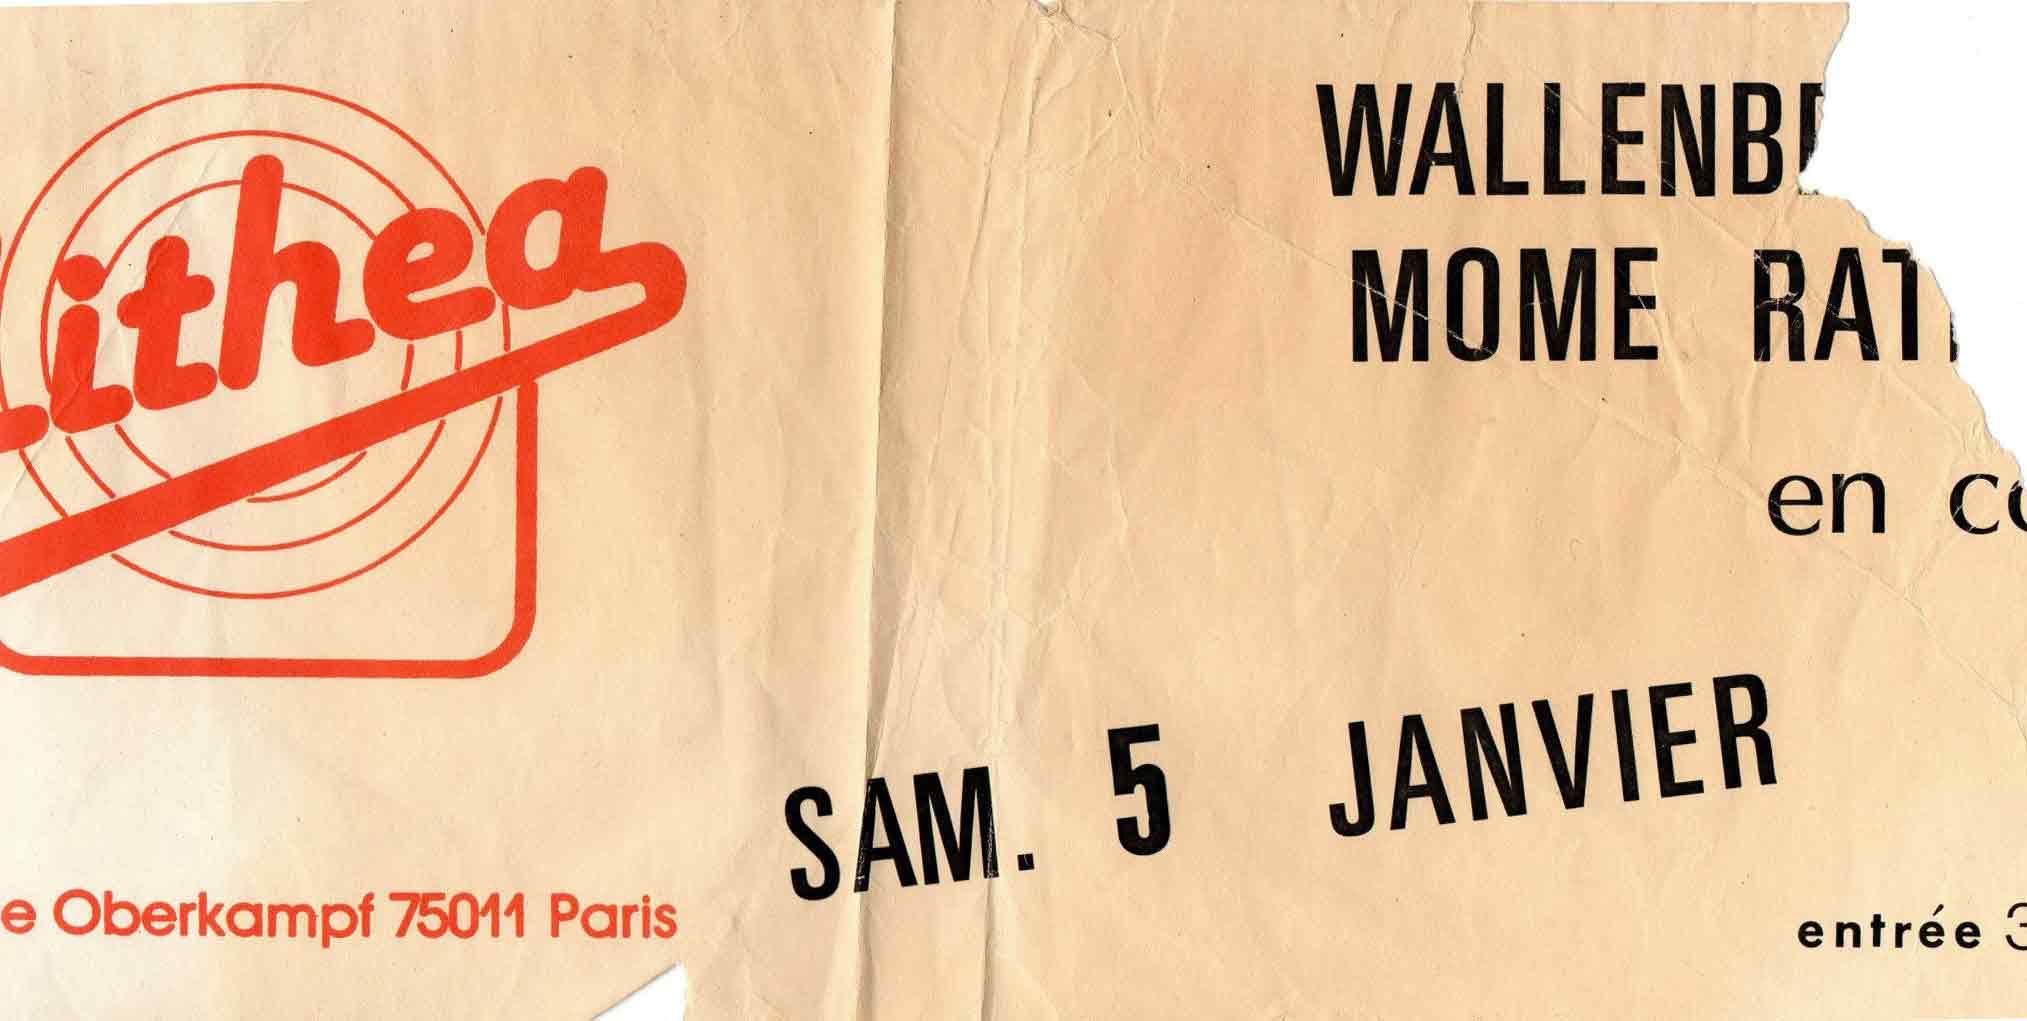 """5 janvier 1985 Wallenberg, Mome Rath à Paris """"Cithea"""""""